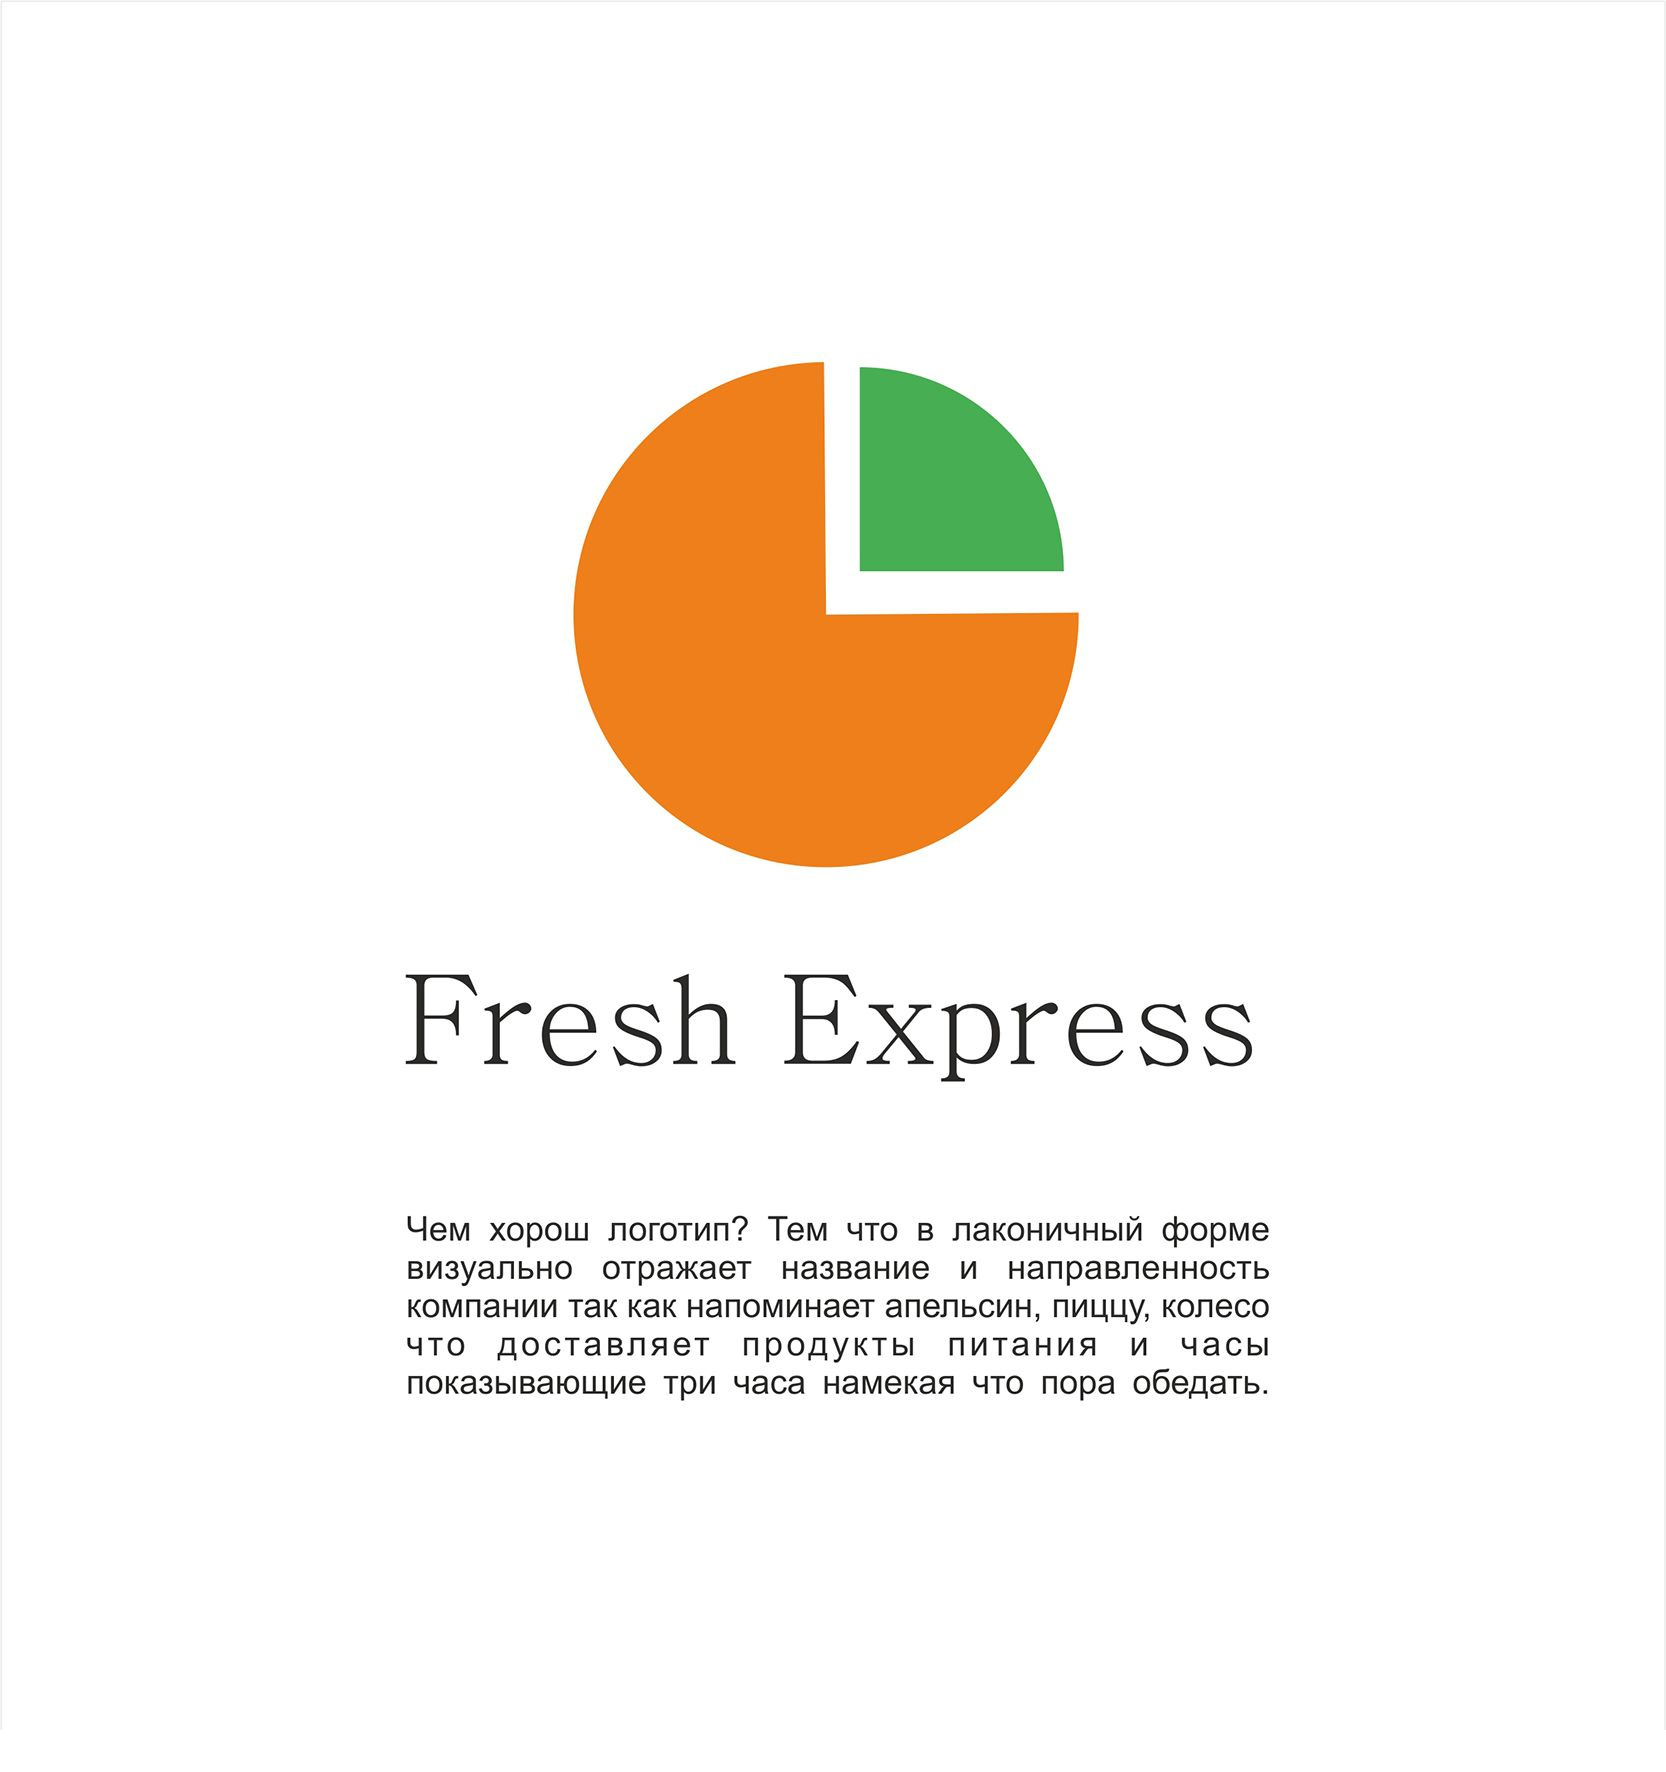 Логотип для новой компании